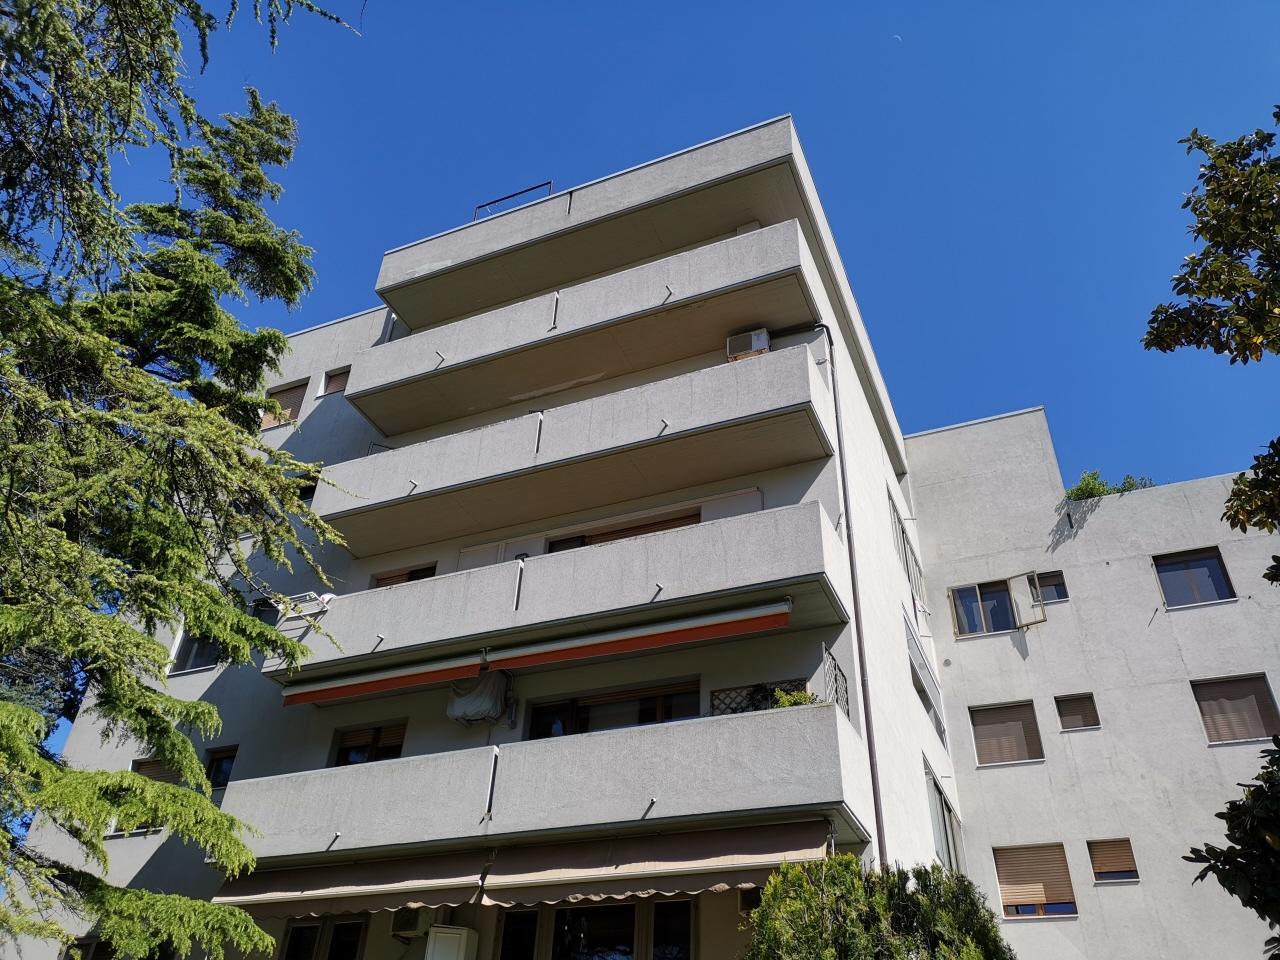 Appartamento in vendita a Pesaro, 3 locali, prezzo € 185.000 | CambioCasa.it